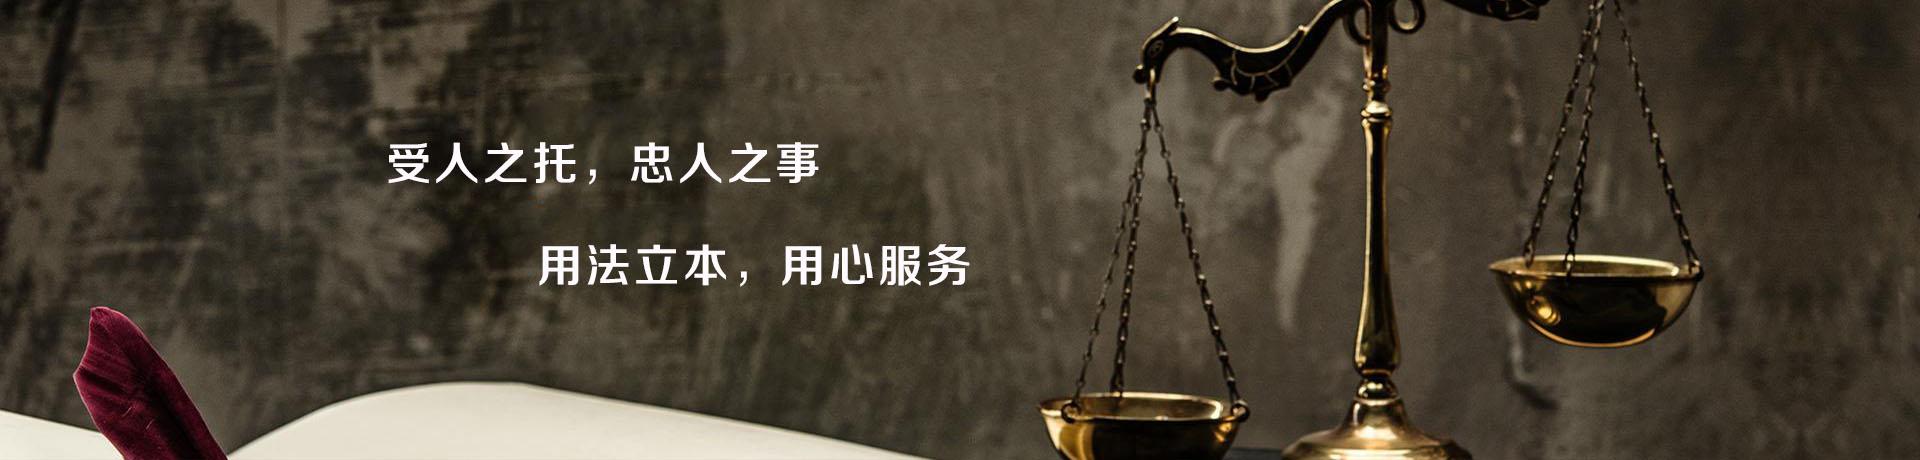 老牌网络欺诈律师哪家靠谱最可靠的